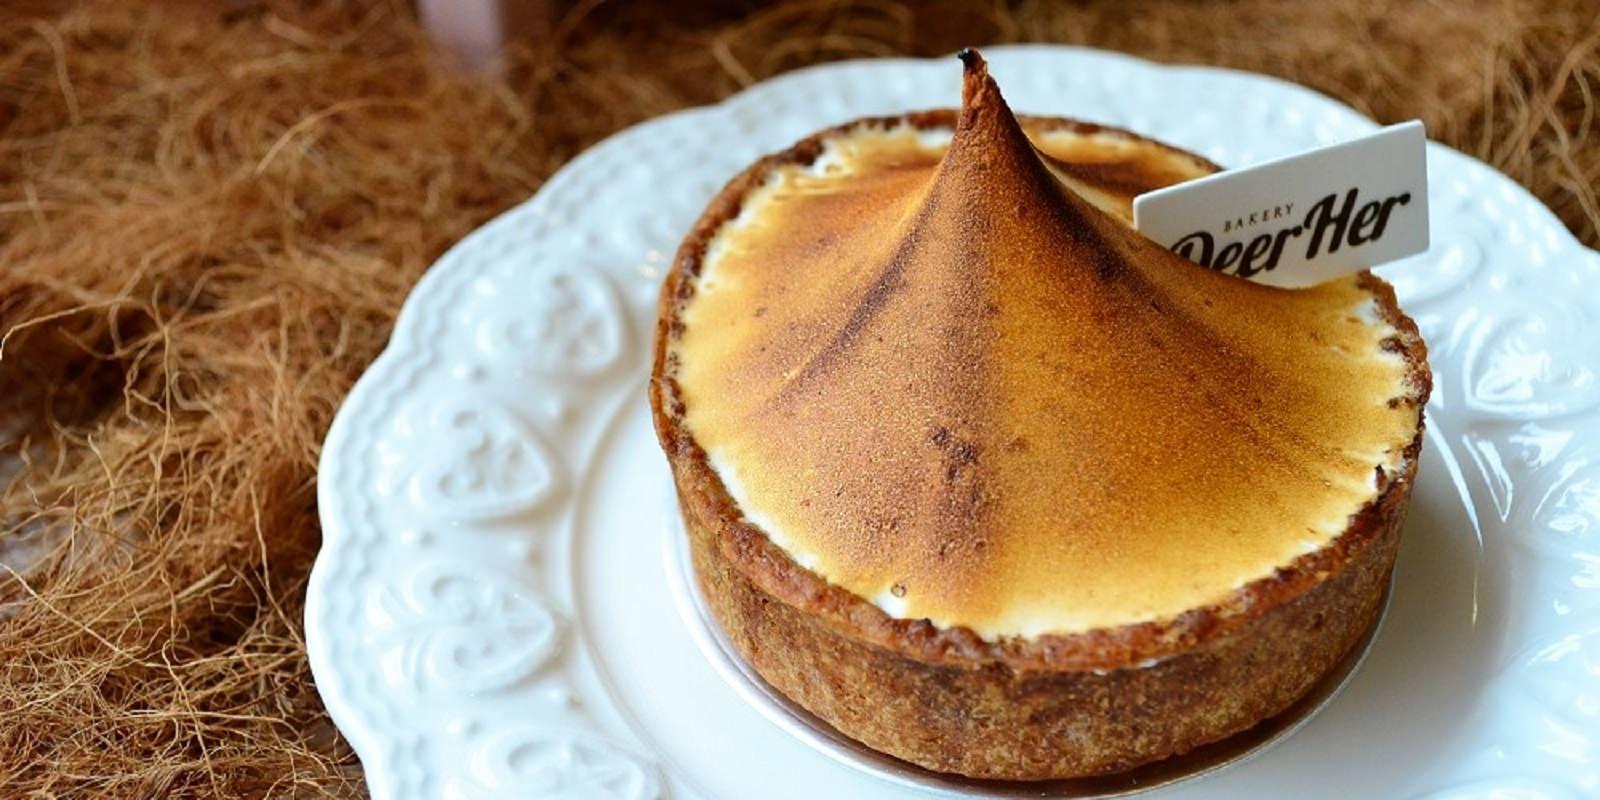 和美-DeerHer甜點廚坊